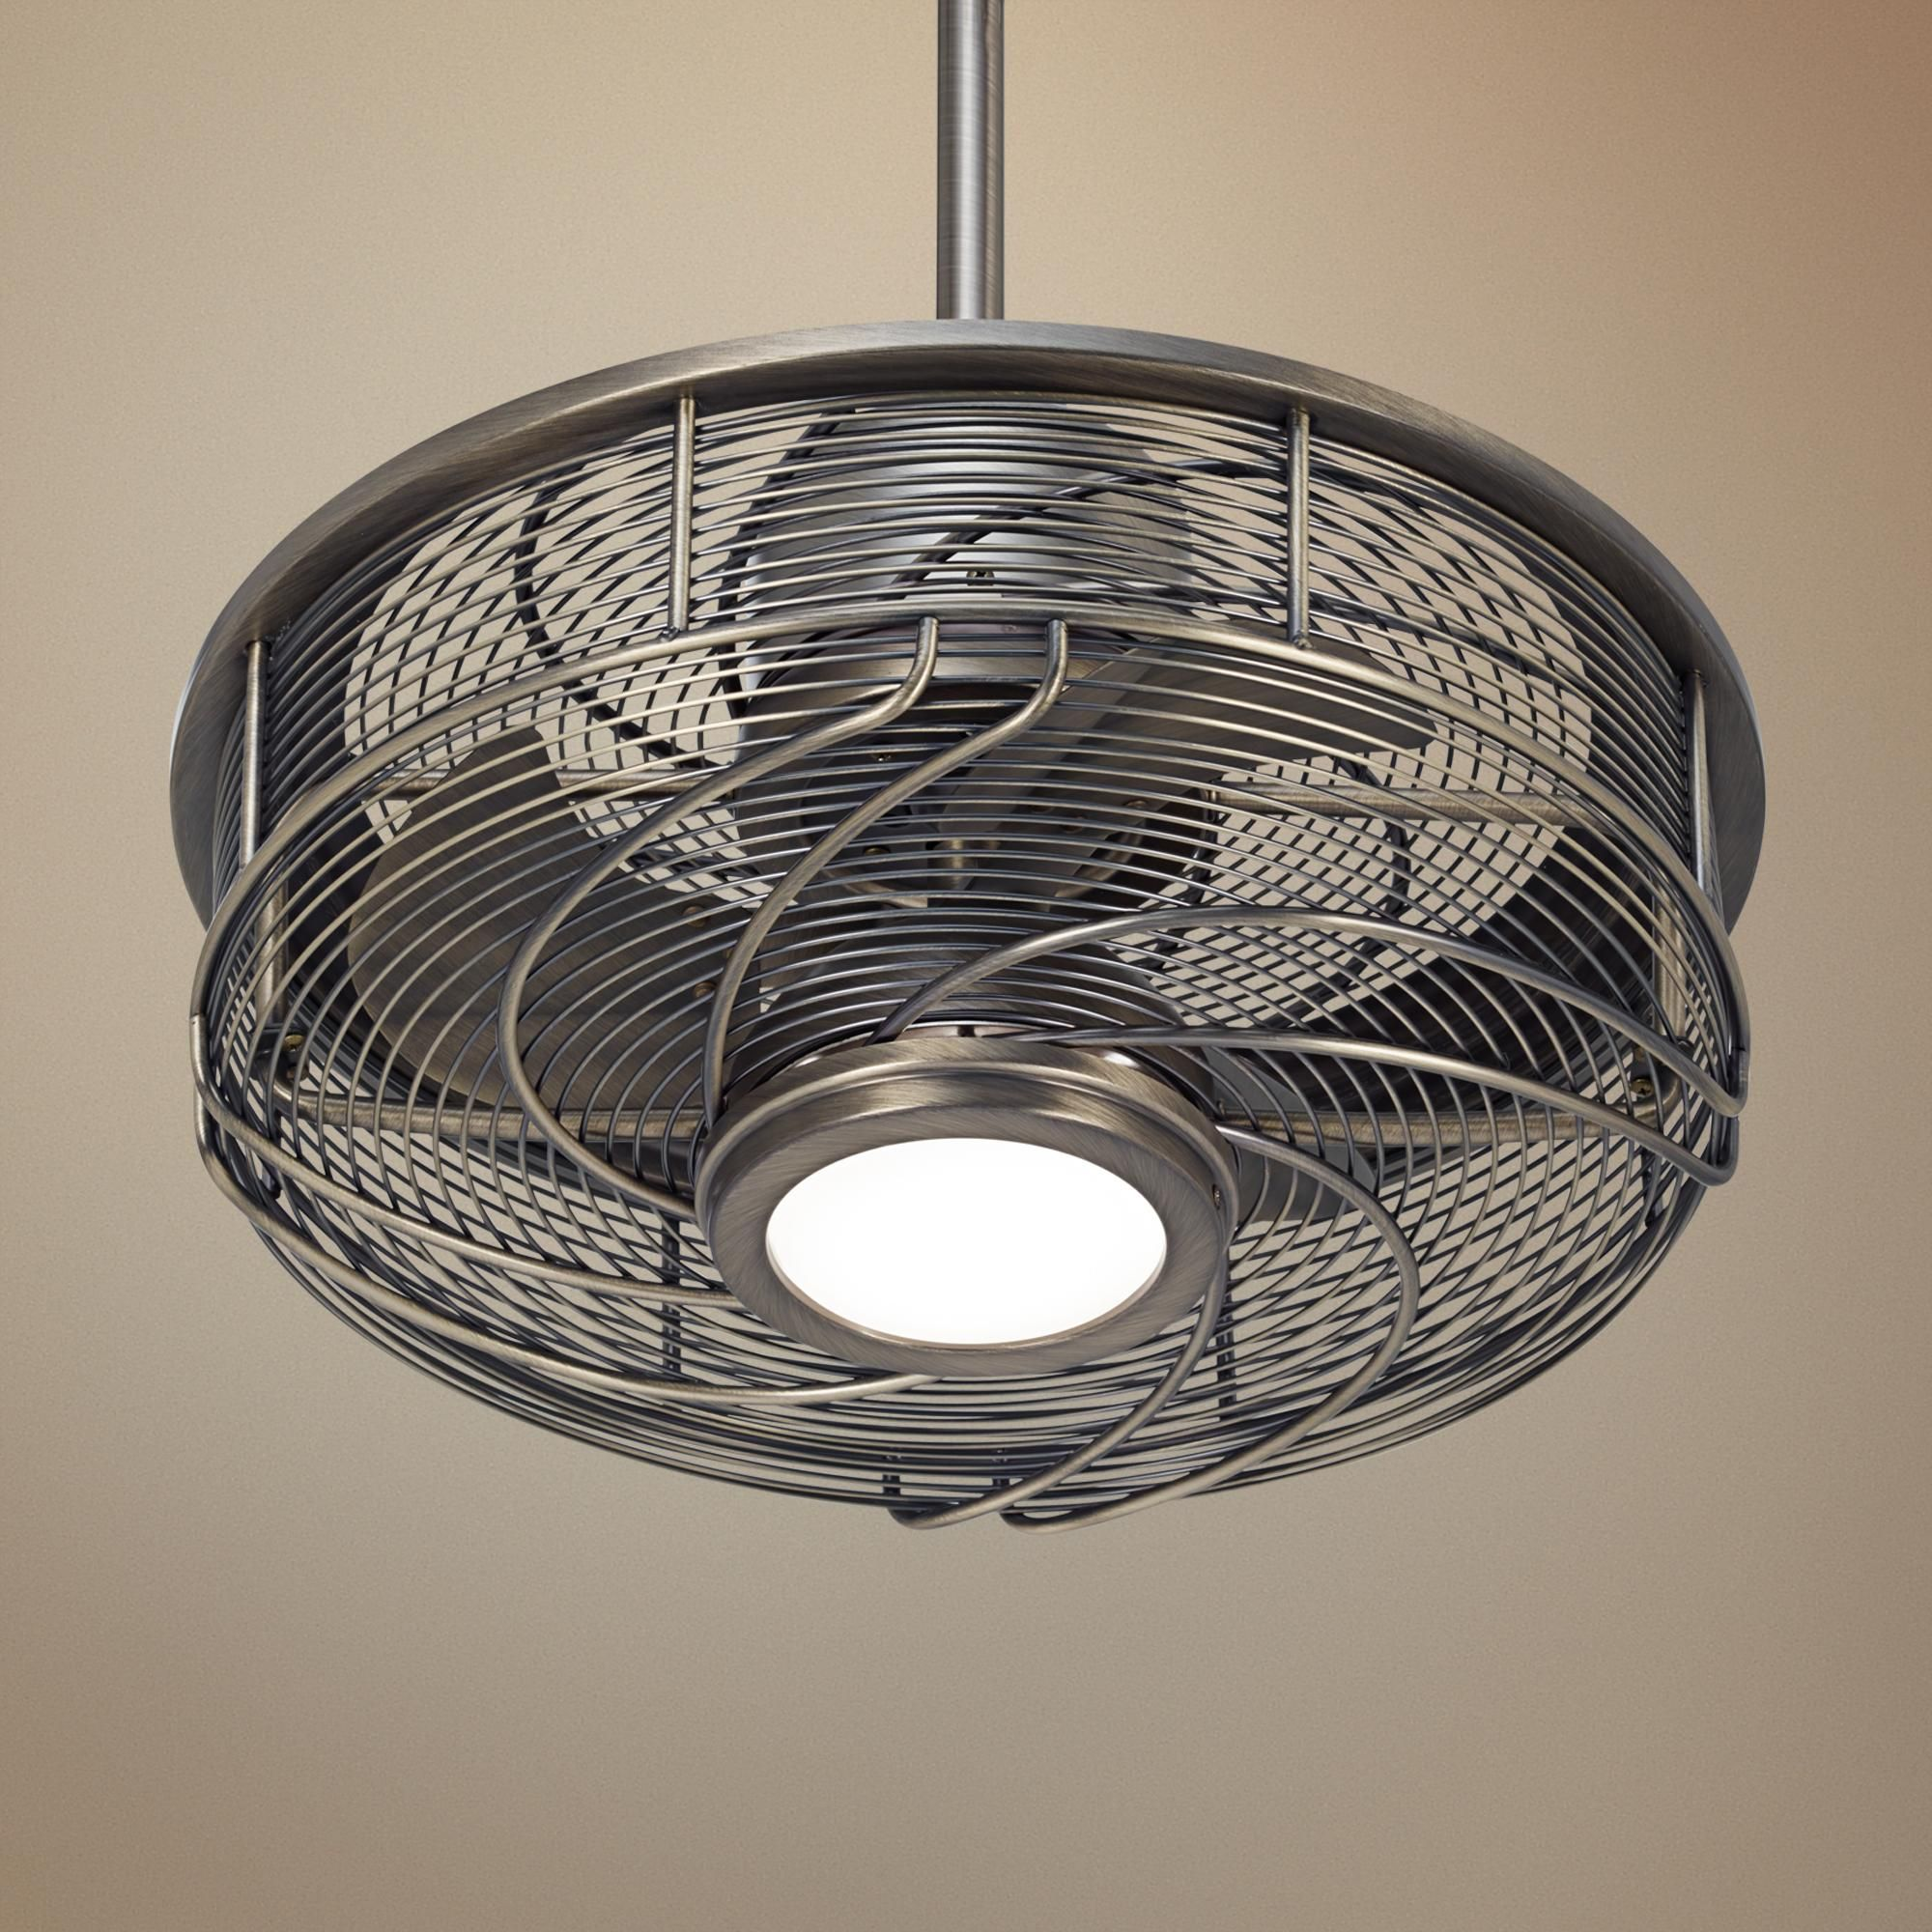 Lamps Plus Ceiling Fan Lights